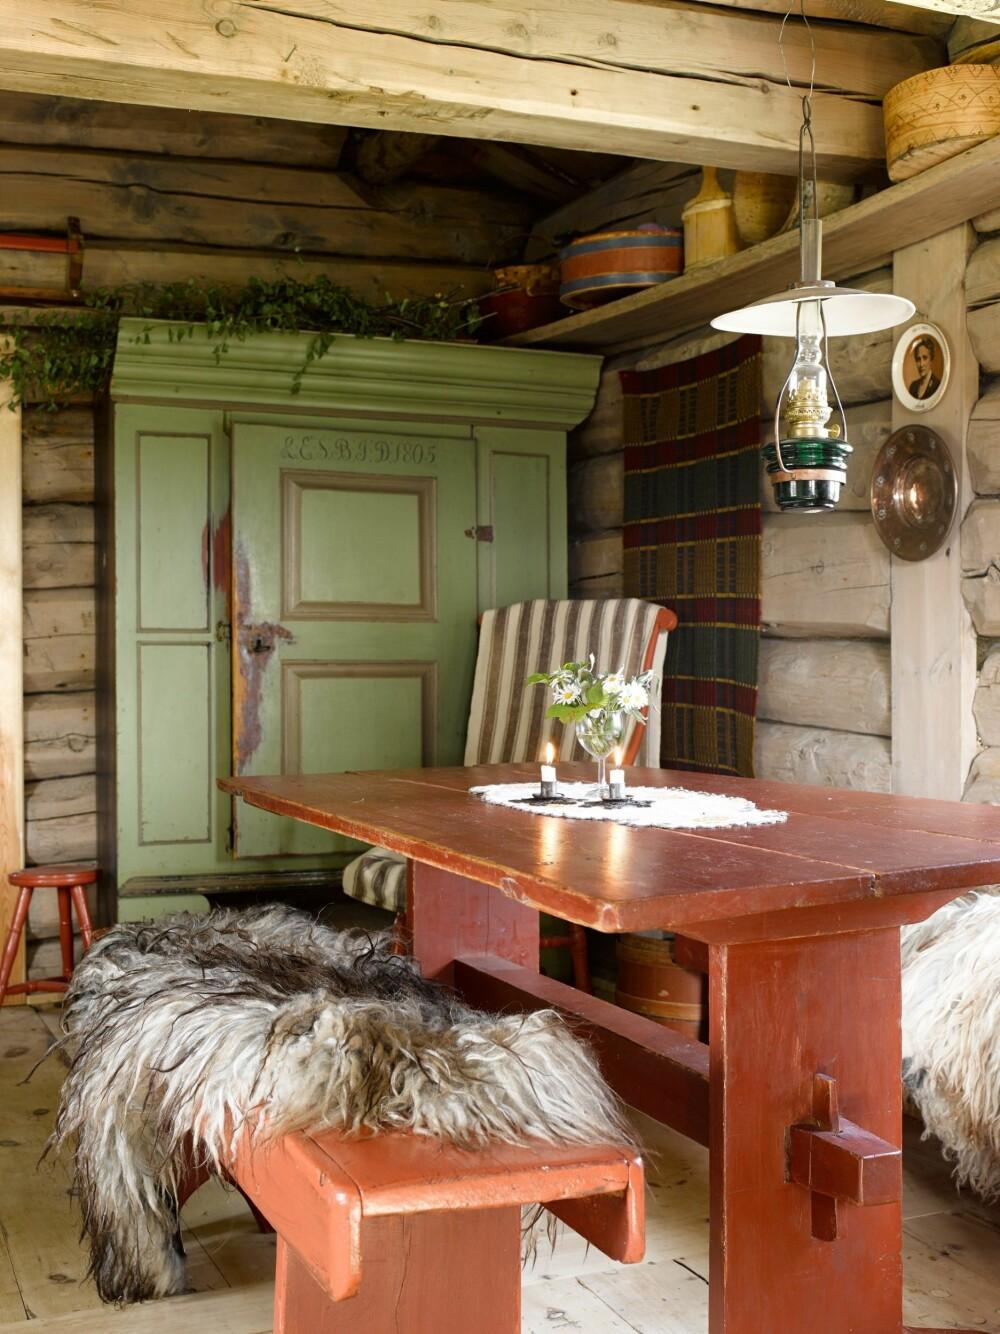 SPISEBORD: Spisekroken i stuen sett fra sofaen. Fargene på møblene som har stått på setra lenge harmonerer fint med gløden fra tømmerveggene. Om kvelden tennes parafinlampen.